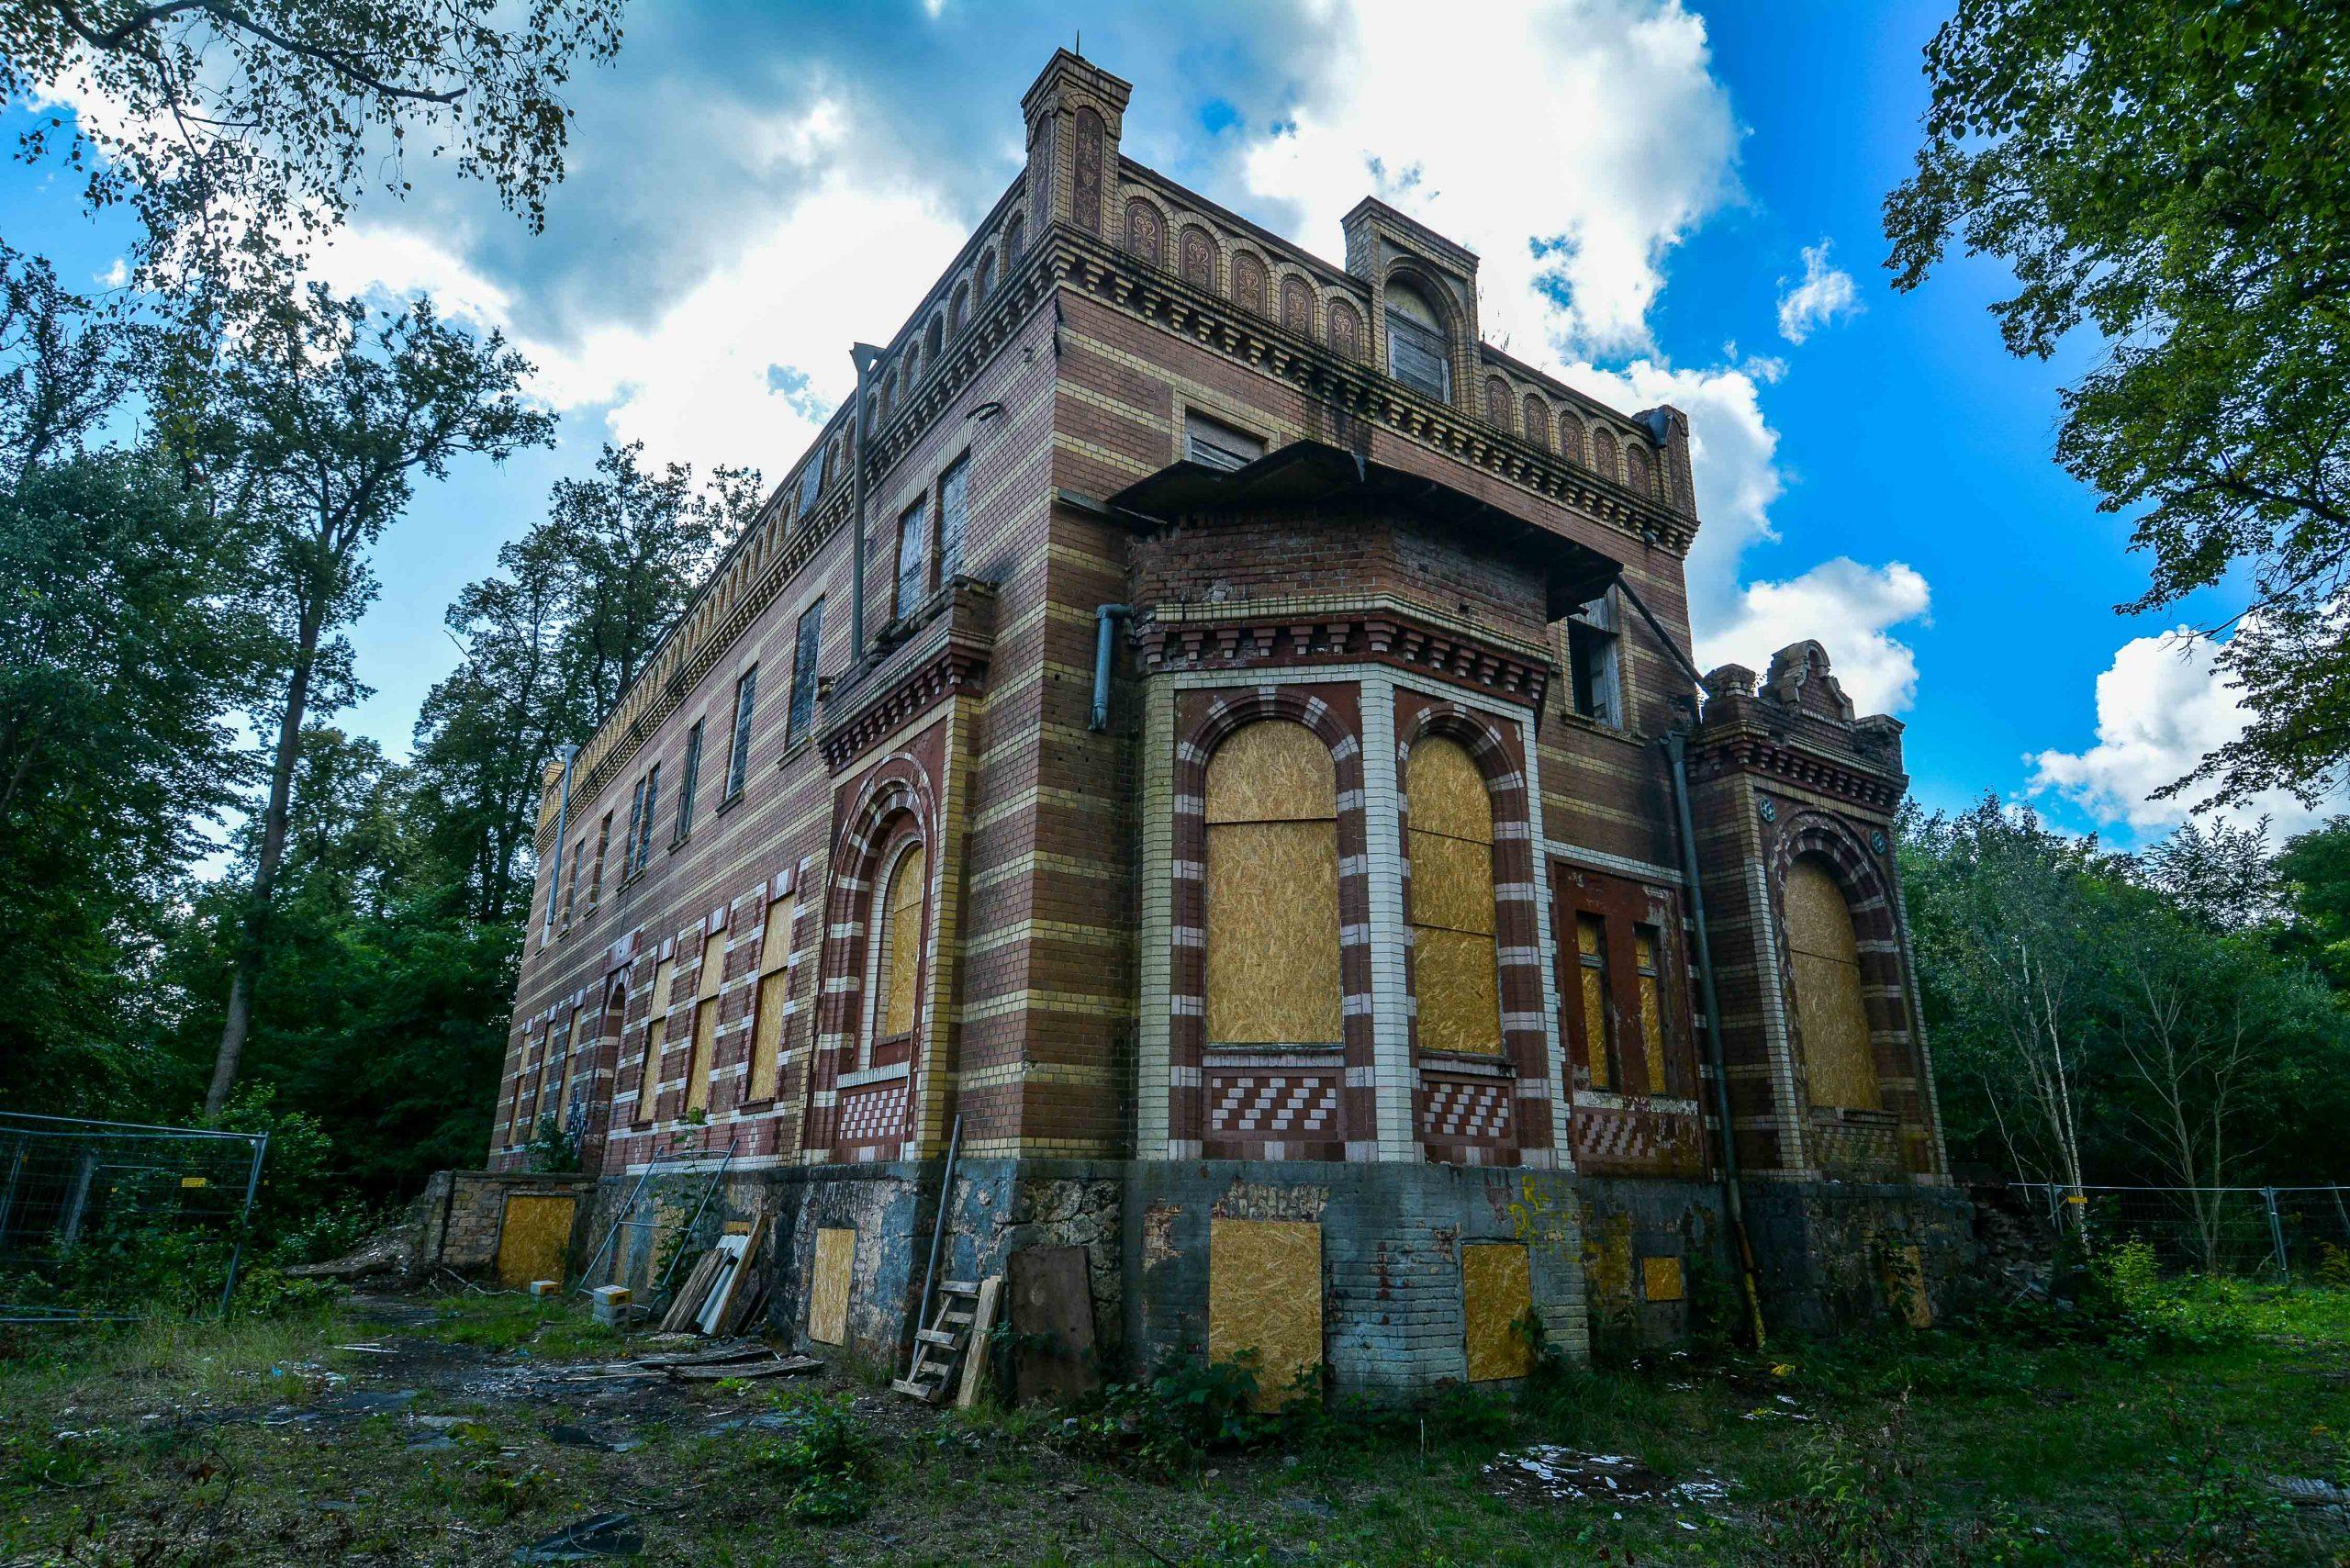 rueckseite fenster architektur historischer orientalismus herrenhaus gentzrode lost places brandenburg neuruppin gut gentzrode ost deutschland urbex abandoned